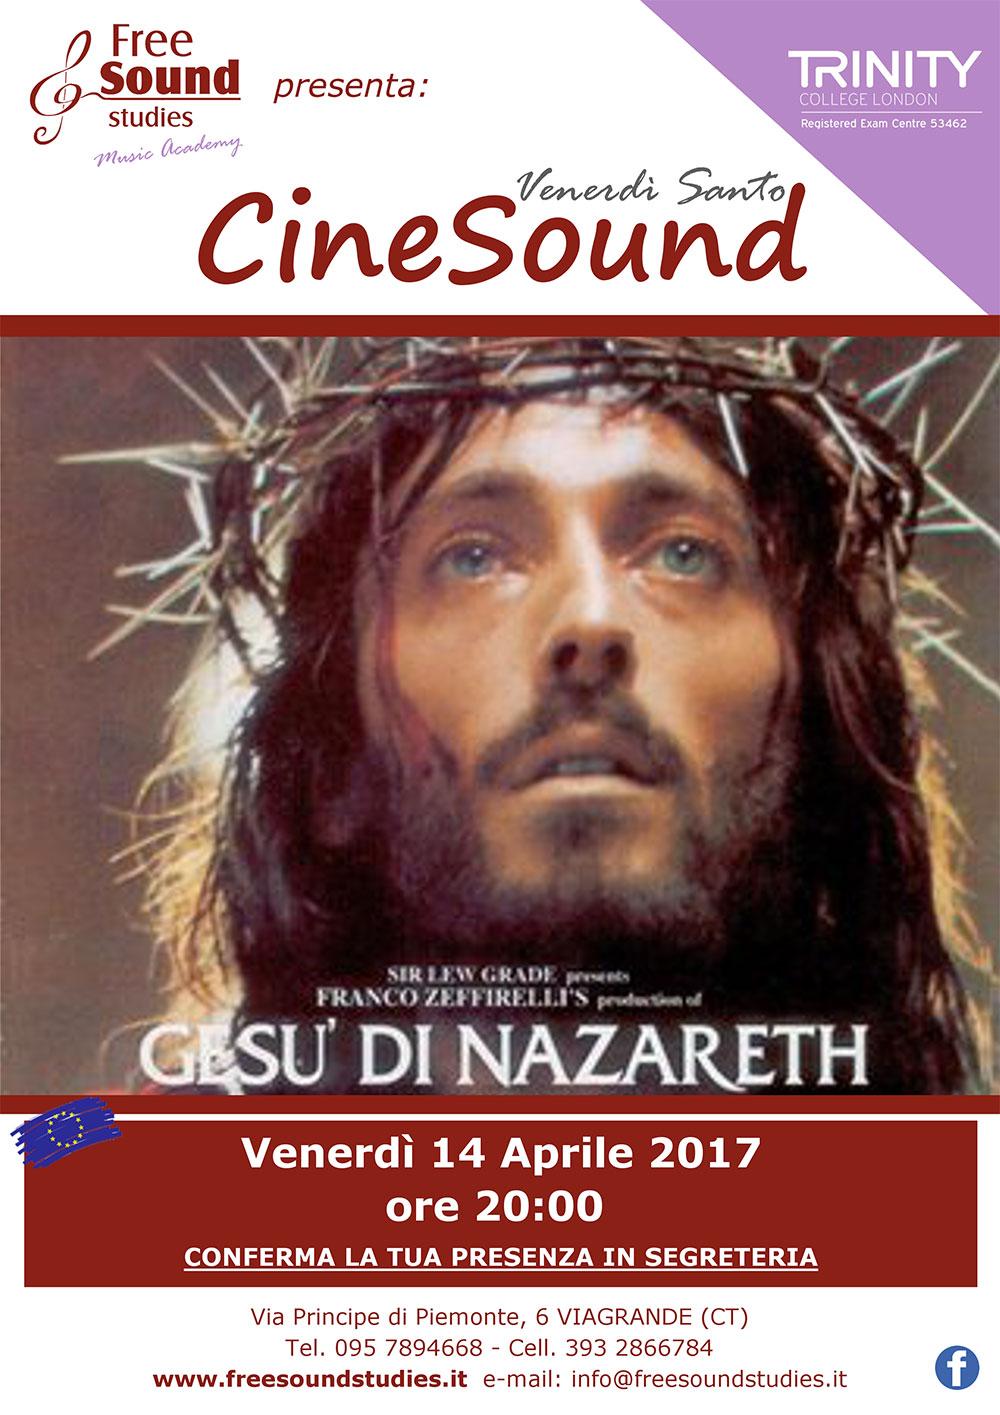 Venerdì Santo al cinema con Gesù di Nazareth